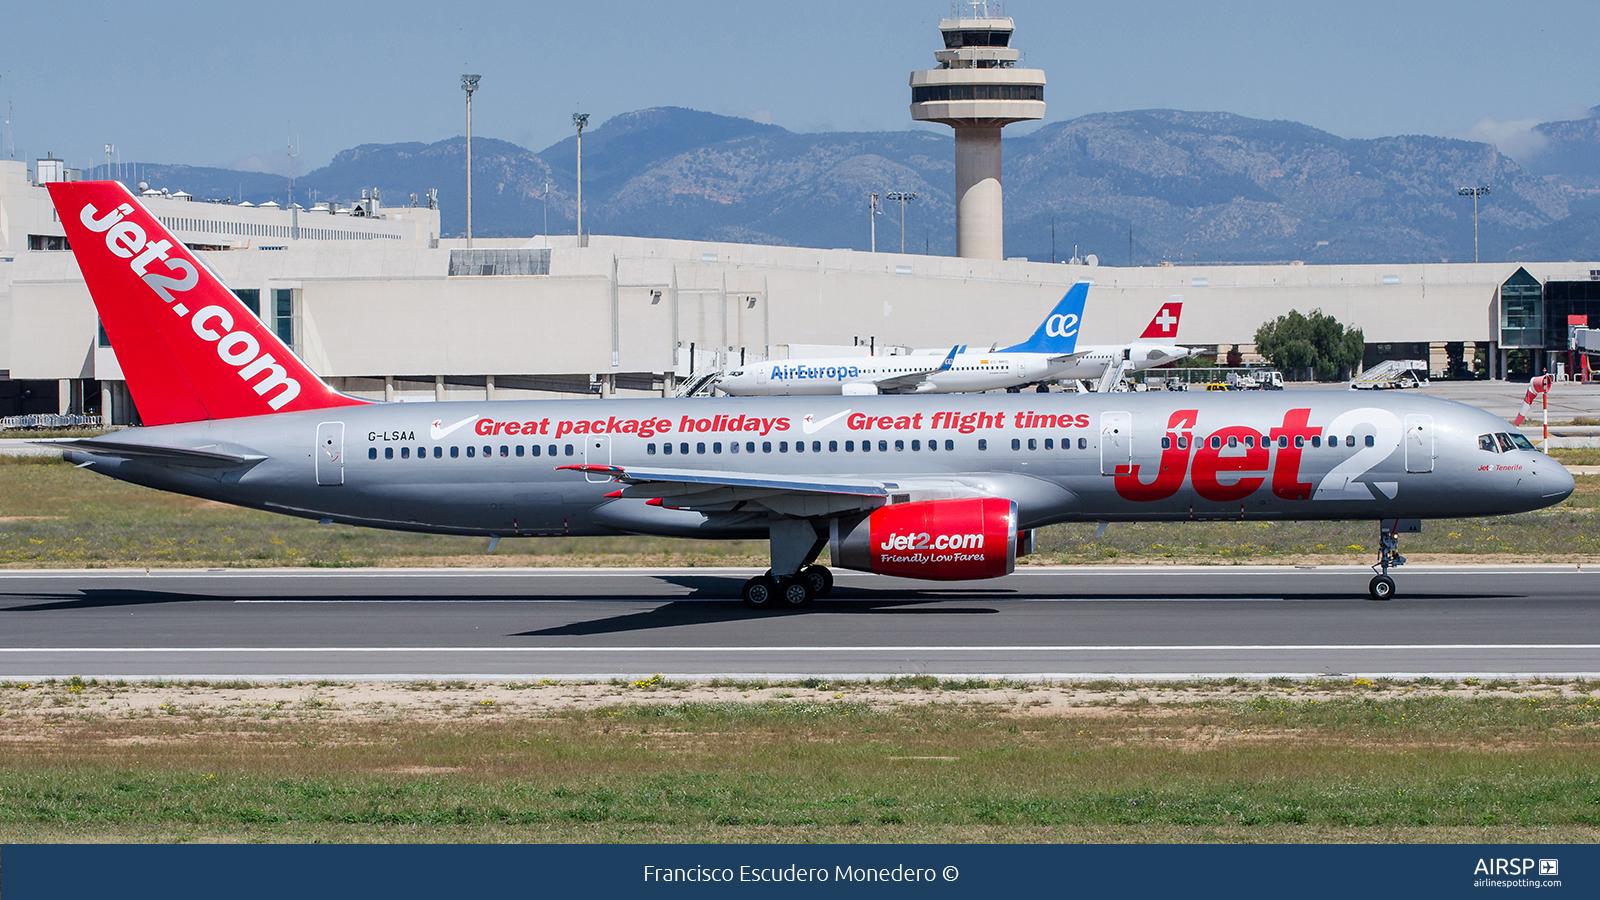 Jet2  Boeing 757-200  G-LSAA